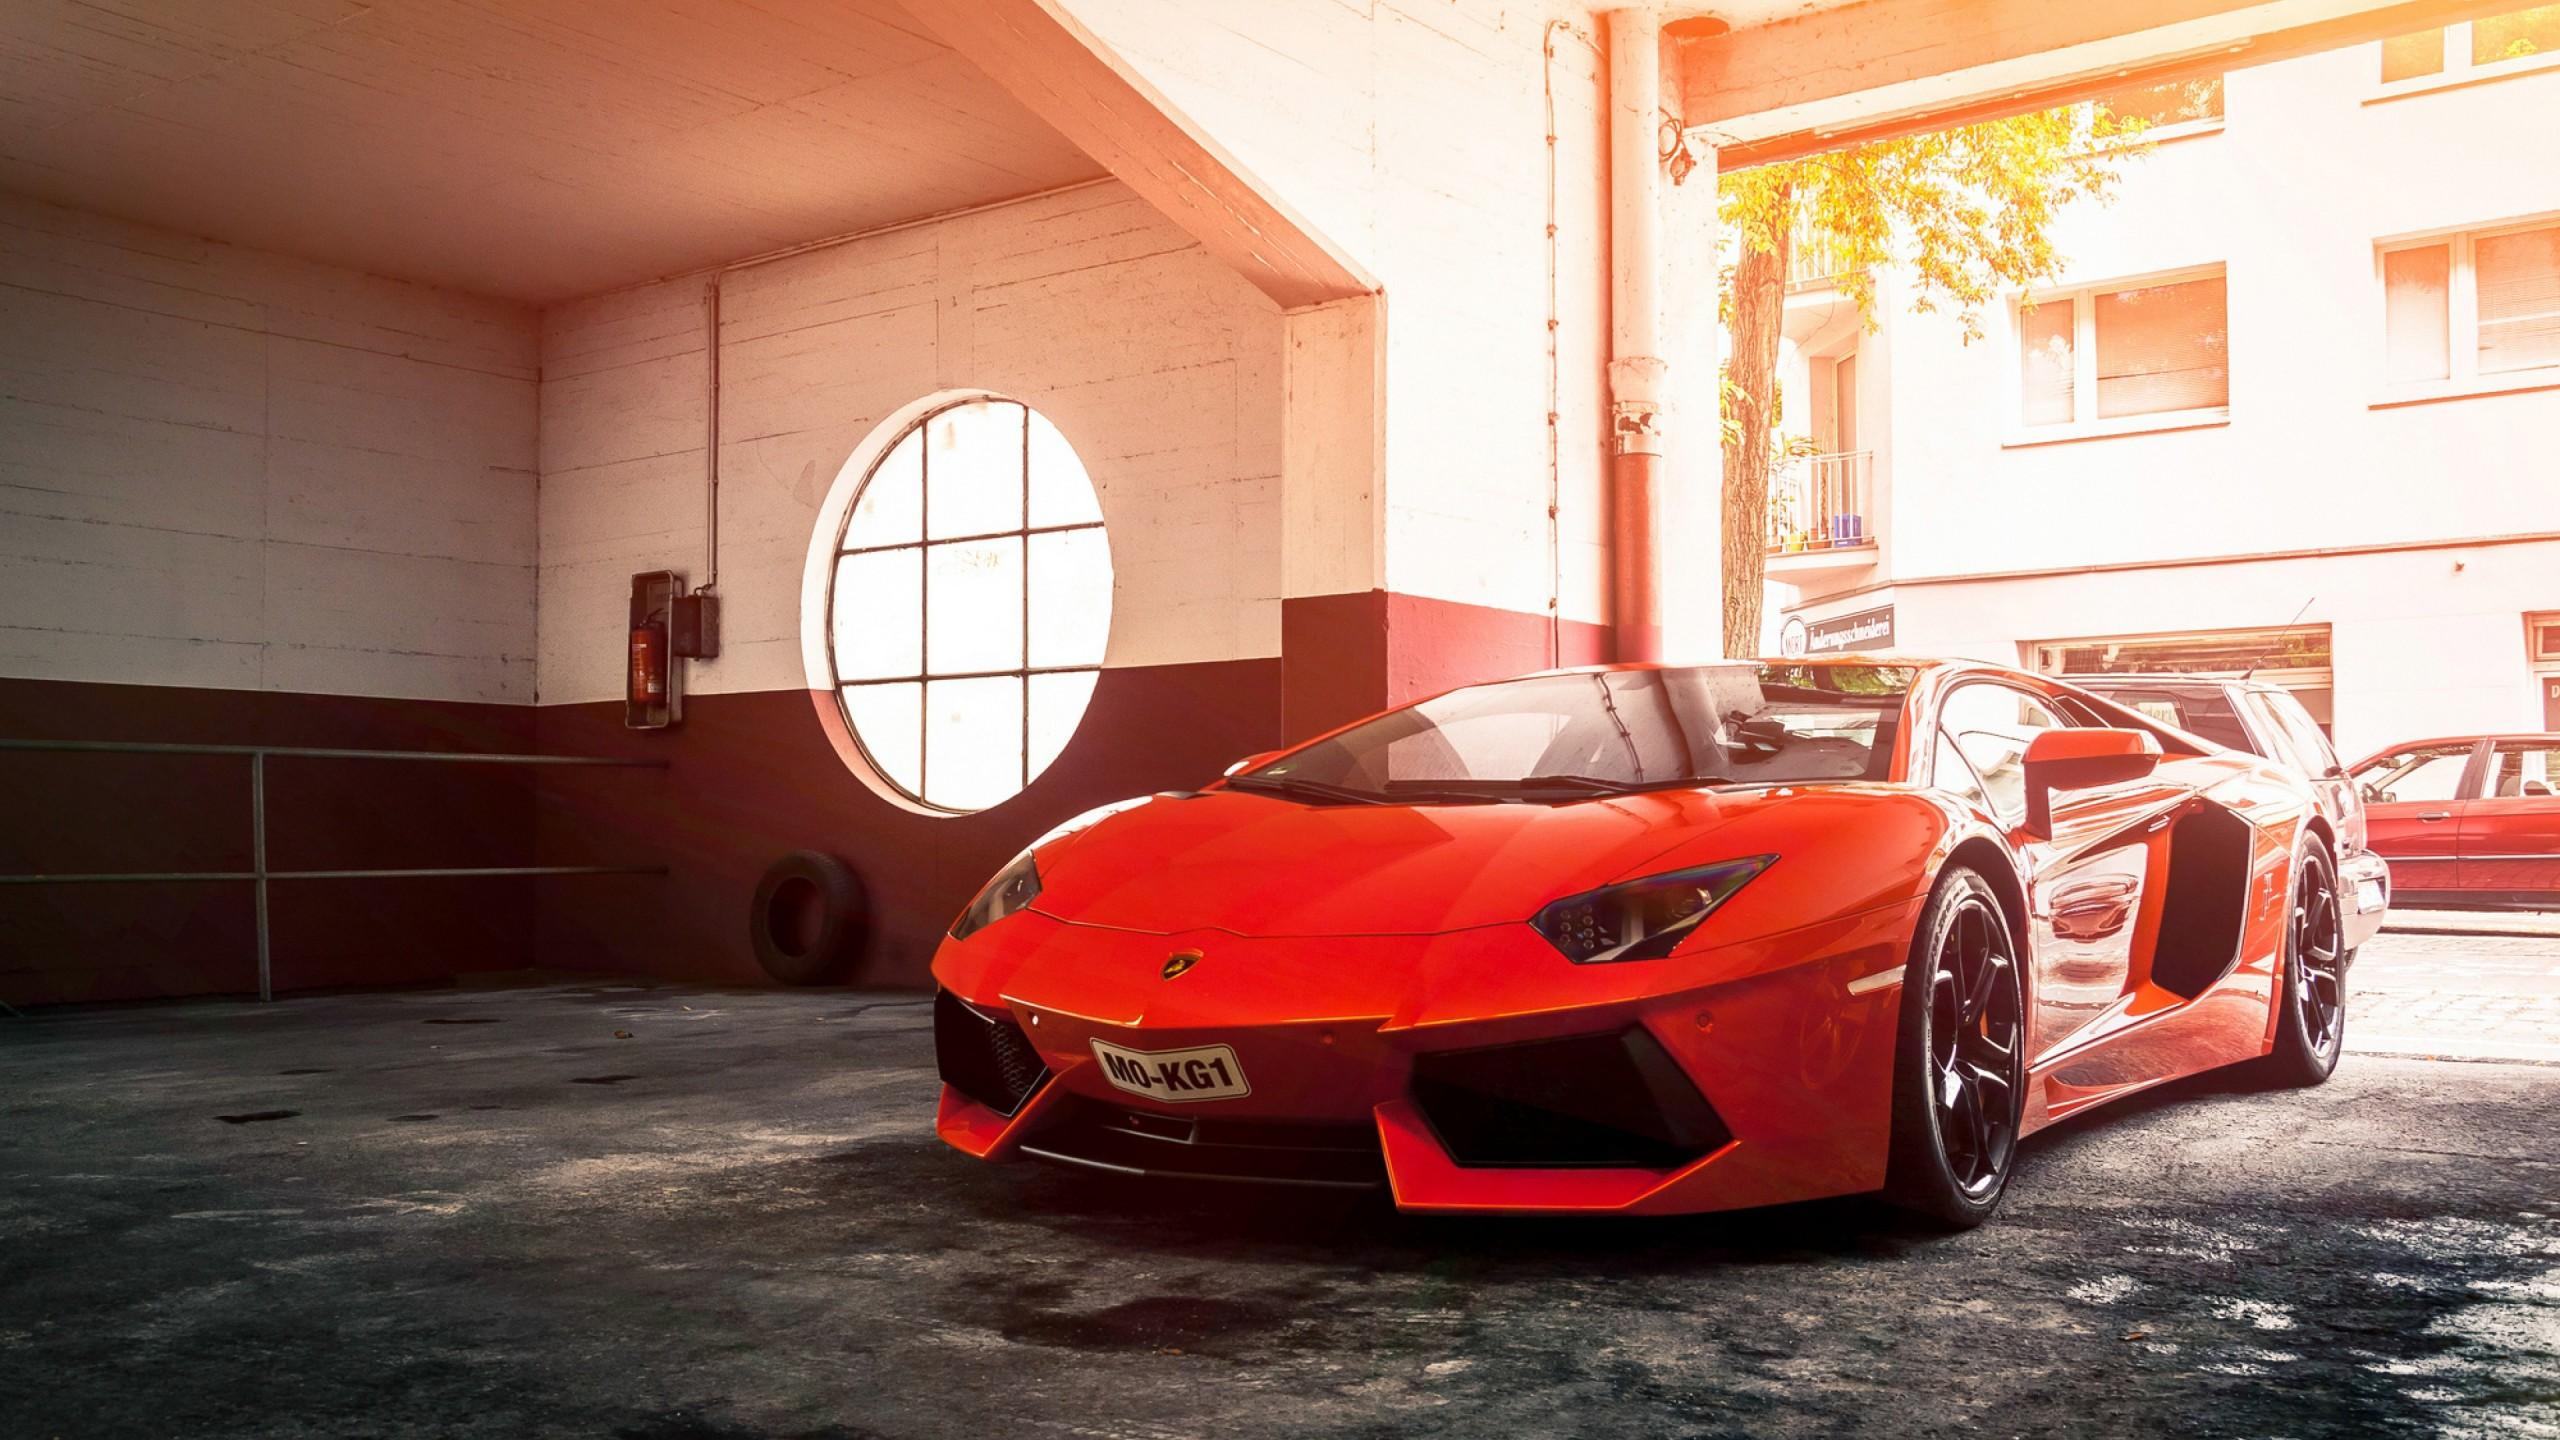 Tron Lamborghini Black Red Car Wallpapers Hd Desktop: Lamborghini Aventador Red Wallpaper